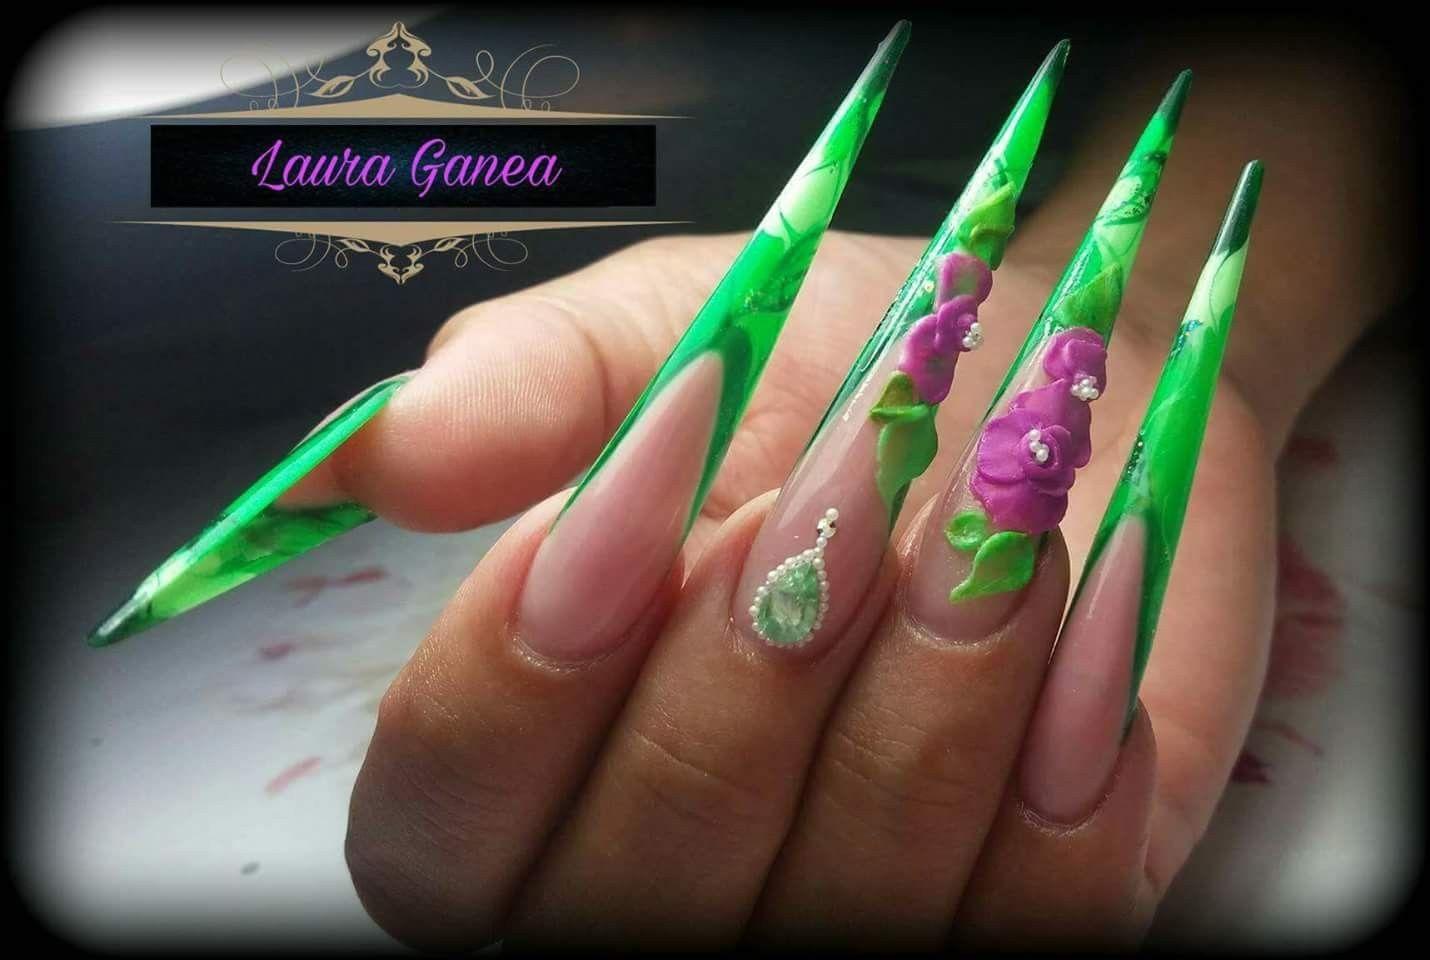 extreme #extreme nails #nailpro #amazing nails #best nails #fashion ...